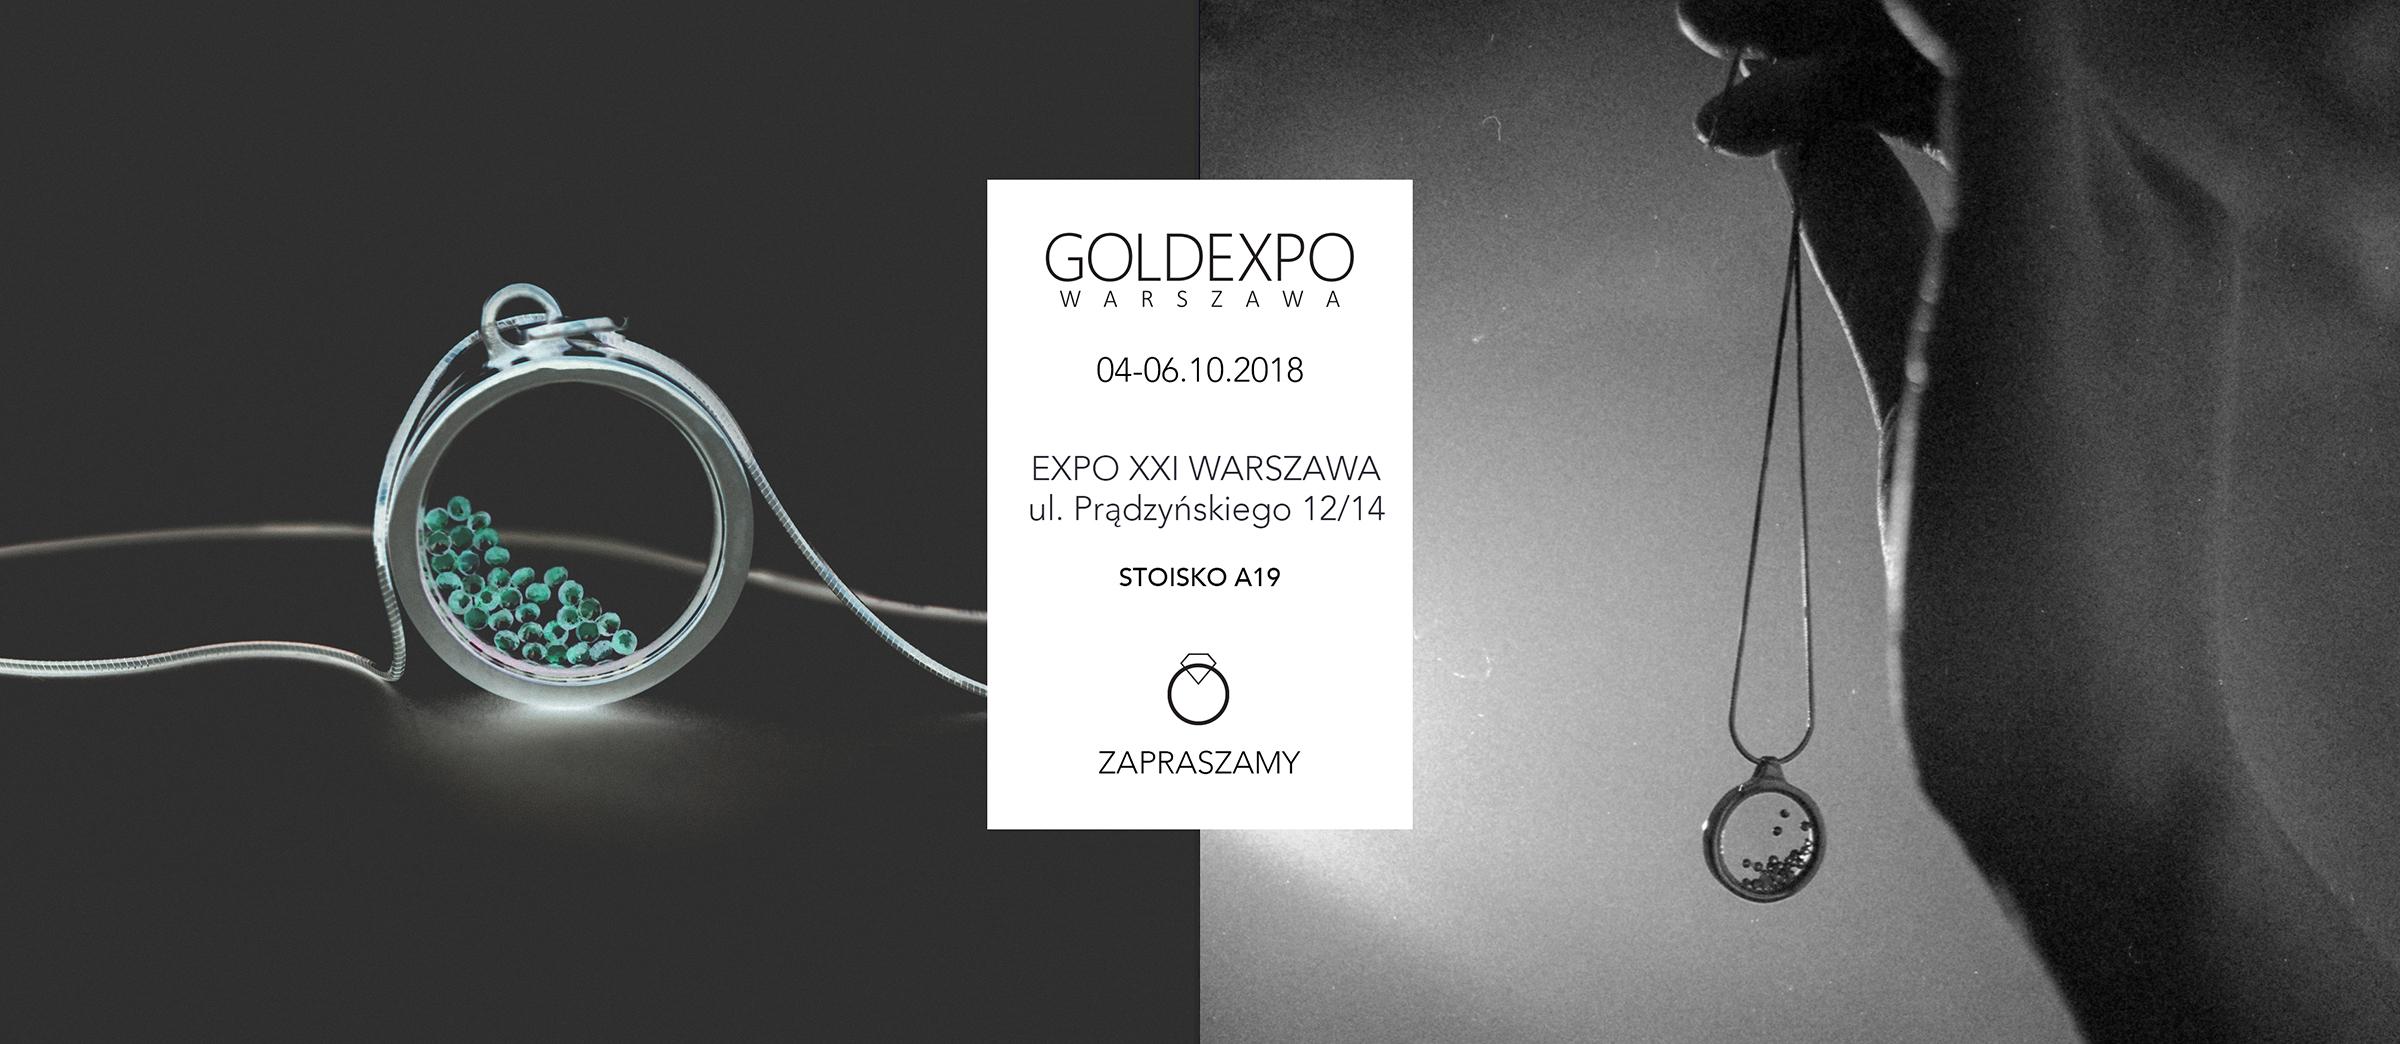 gold expo 2018 zaproszenie strona www